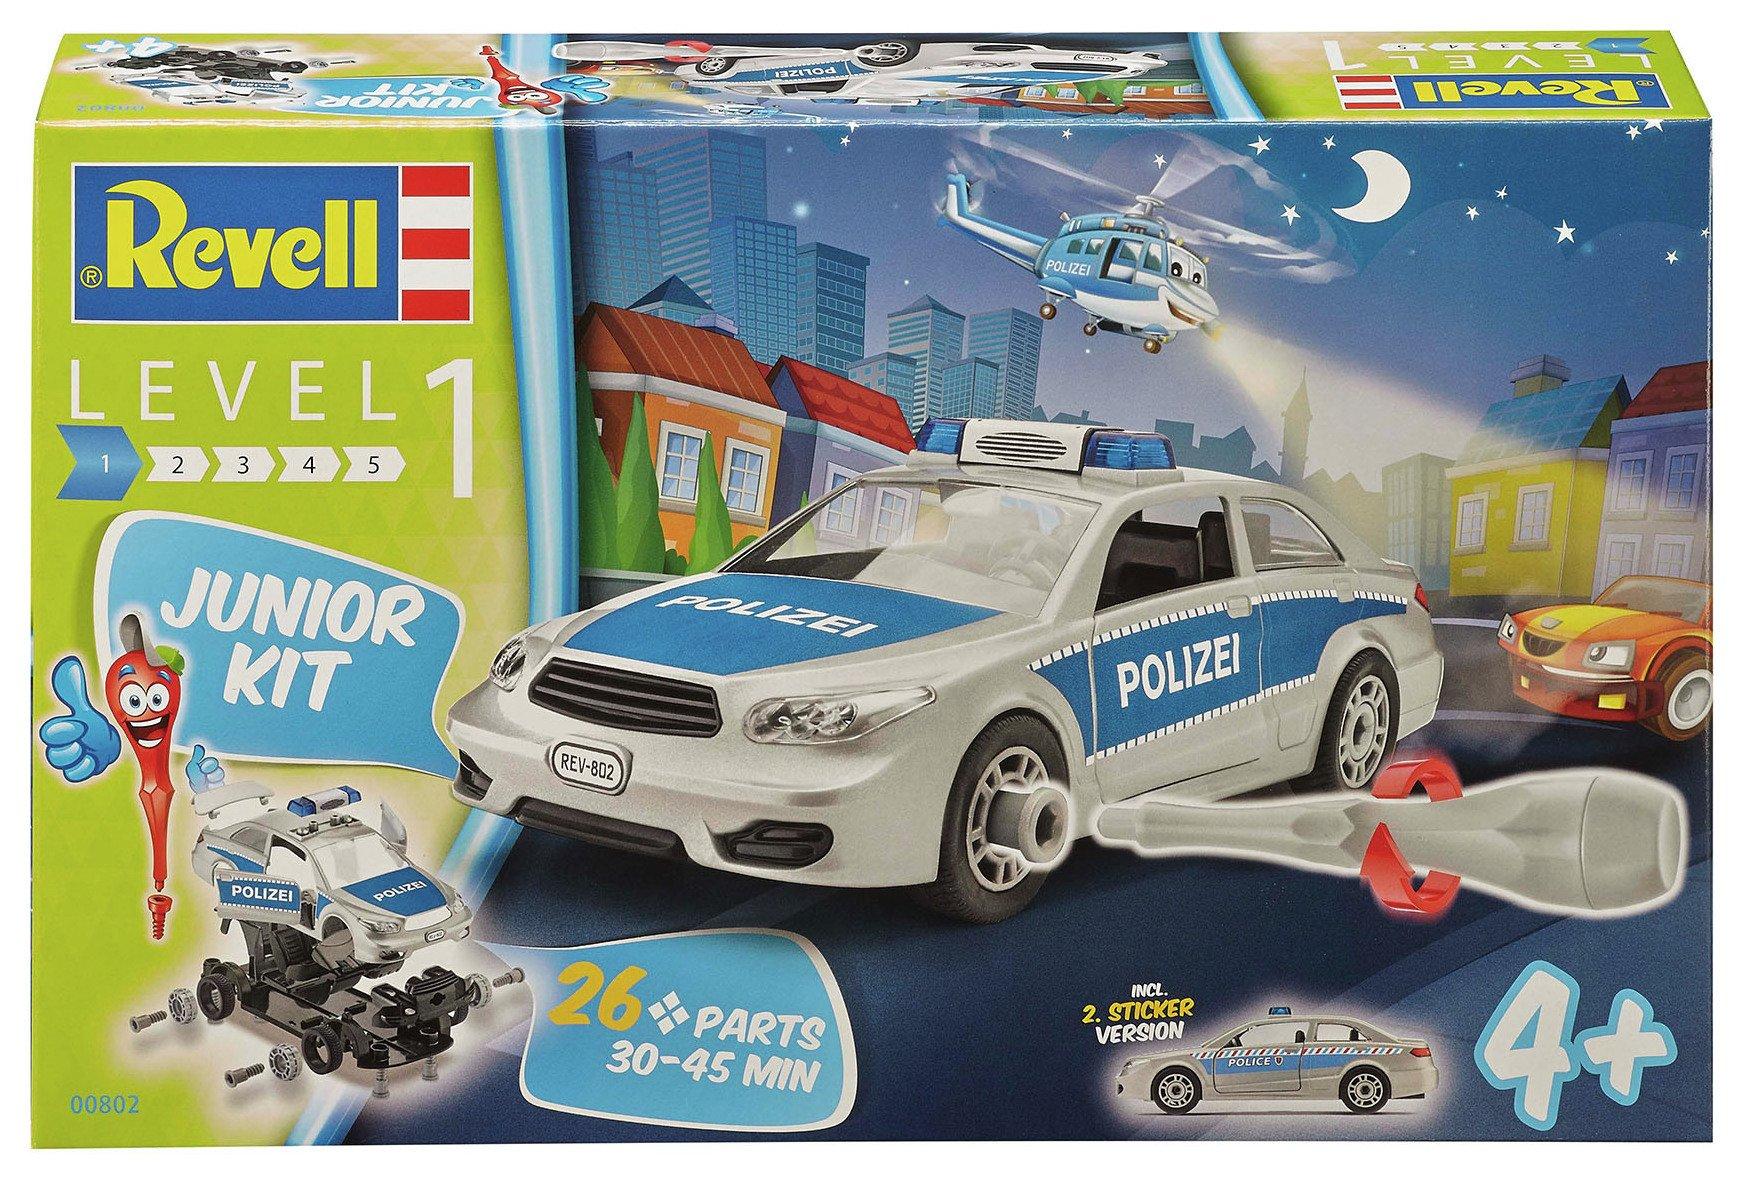 Revell Junior Kit Police Car.